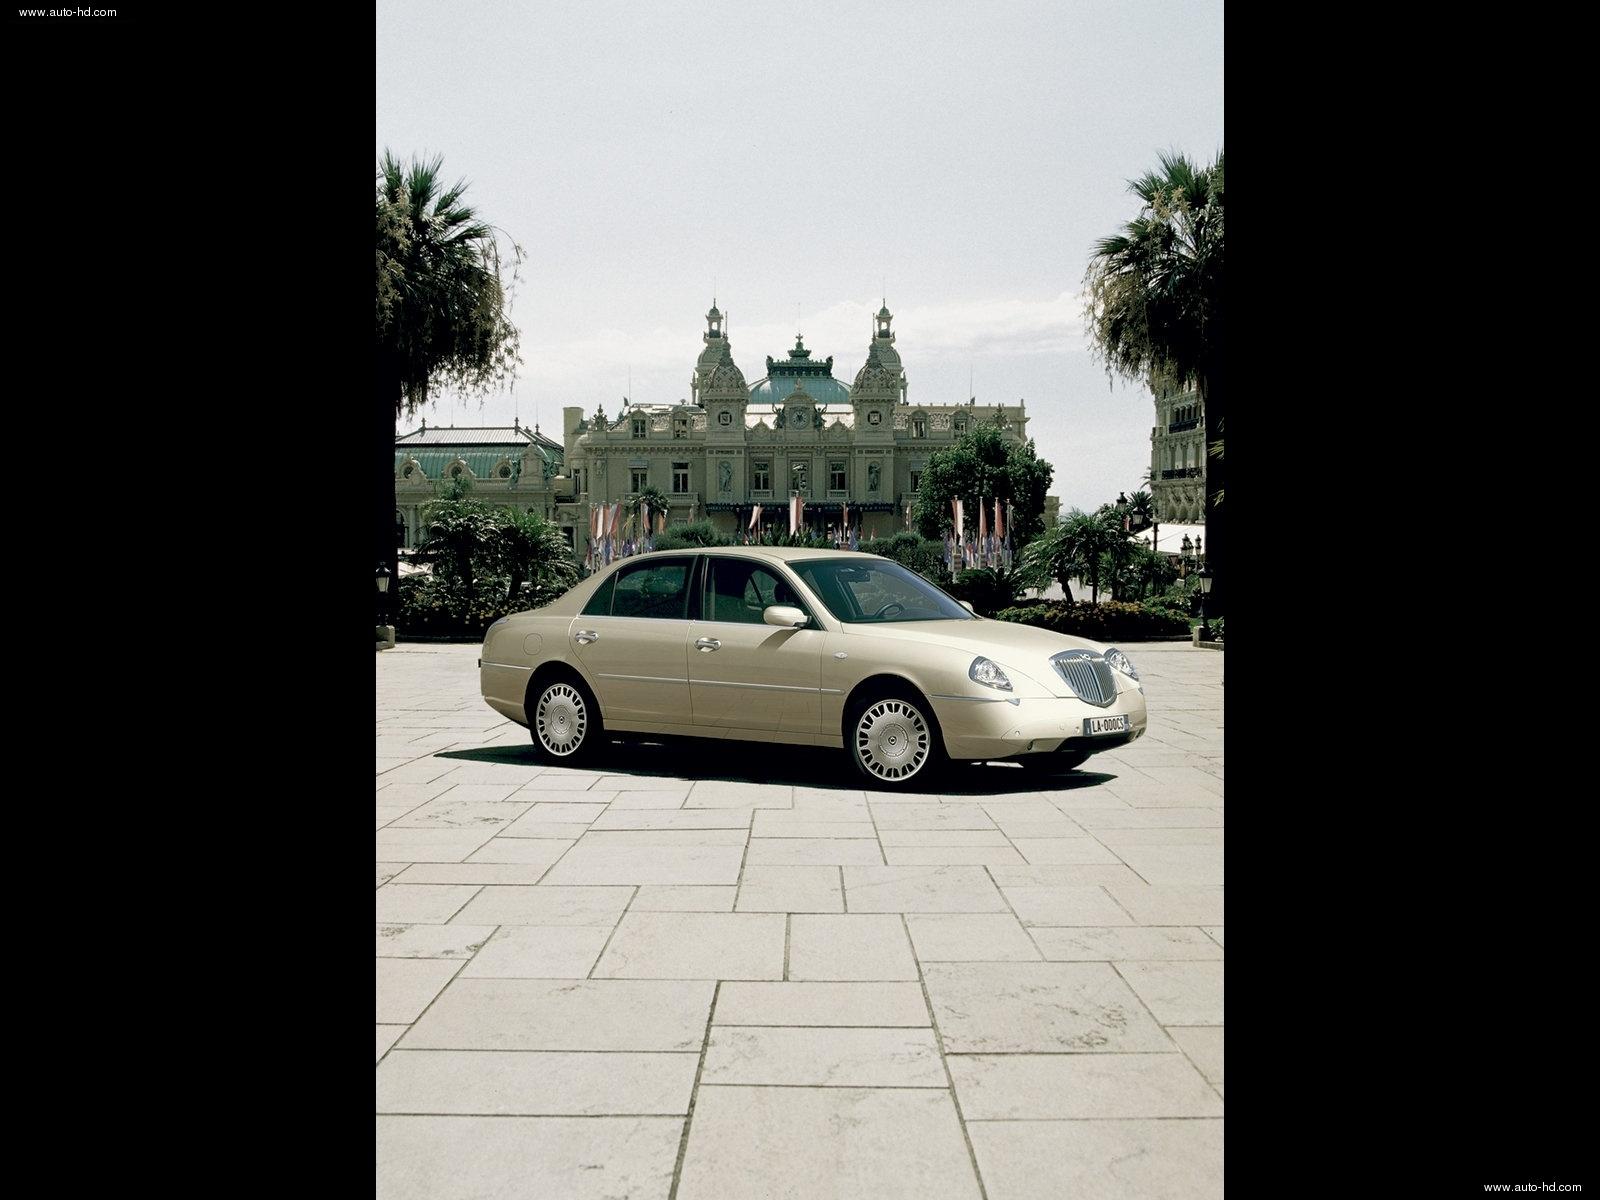 Lancia Ypsilon 1.3 JTD Multijet